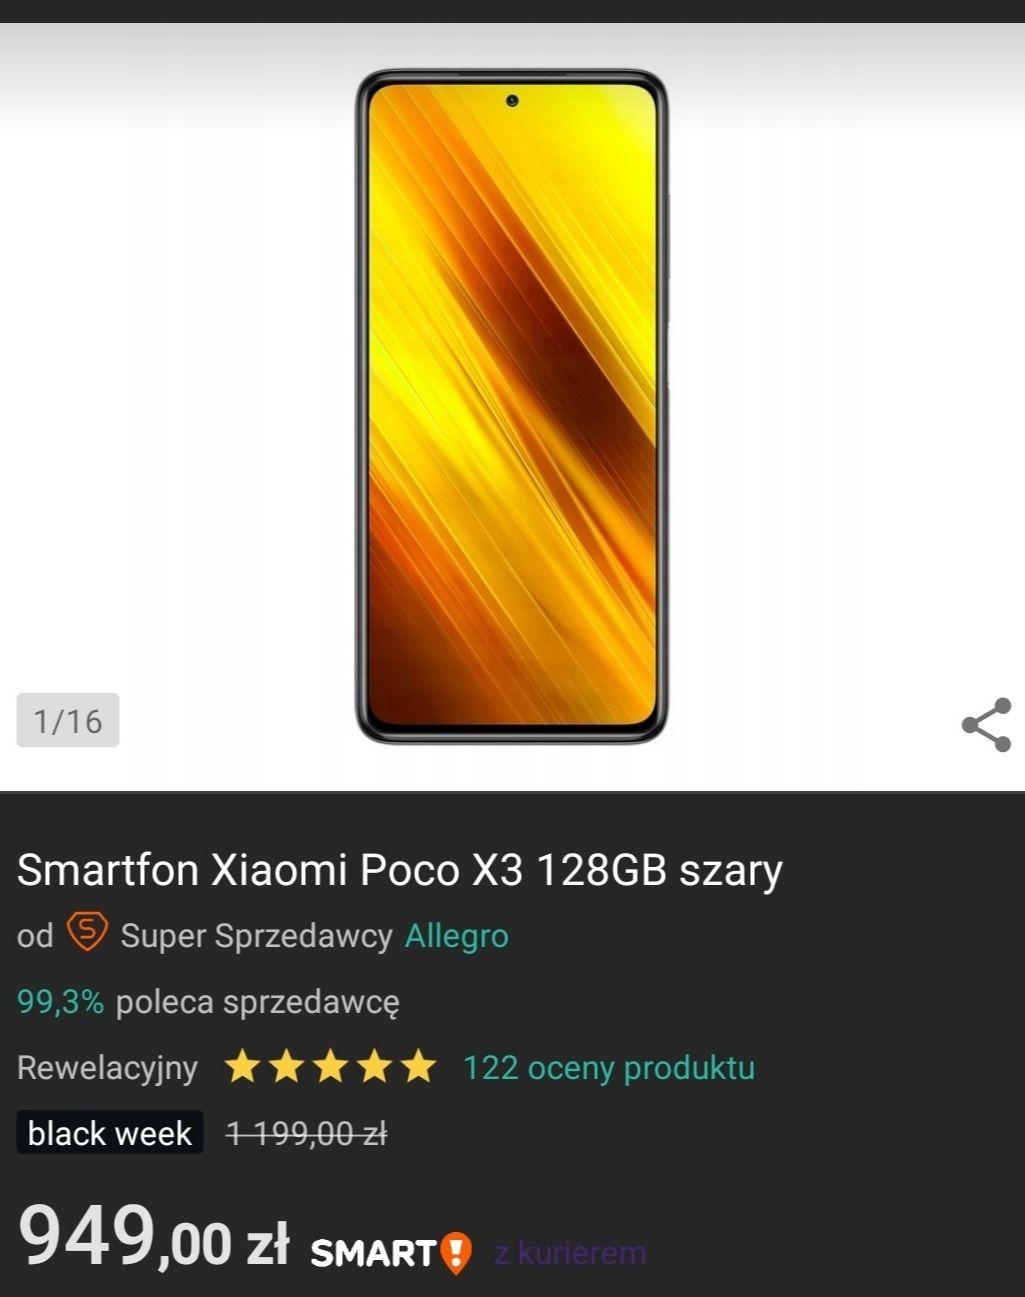 Smartfon Xiaomi Poco X3 128GB szary allegro na Black friday - dostepny od 30 listopada